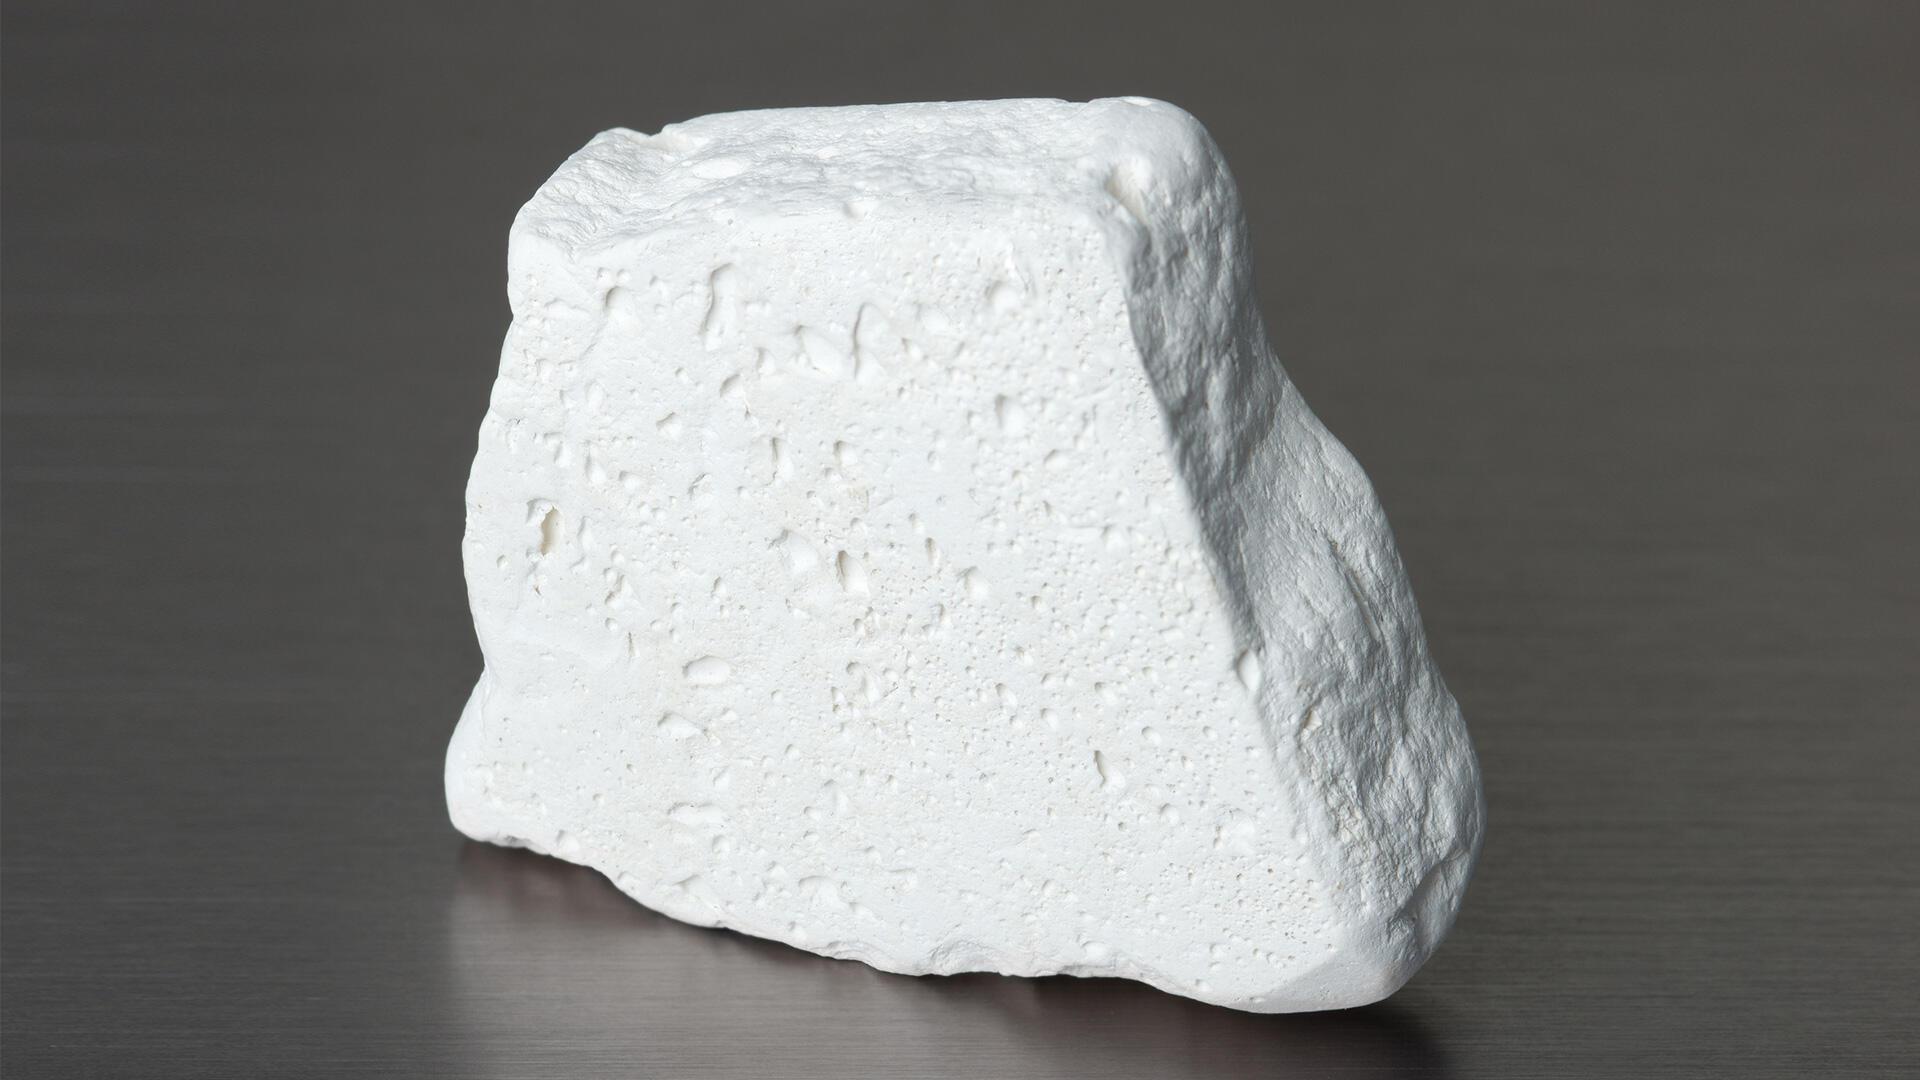 Le kaolin est une argile de couleur rose, beige ou blanche.